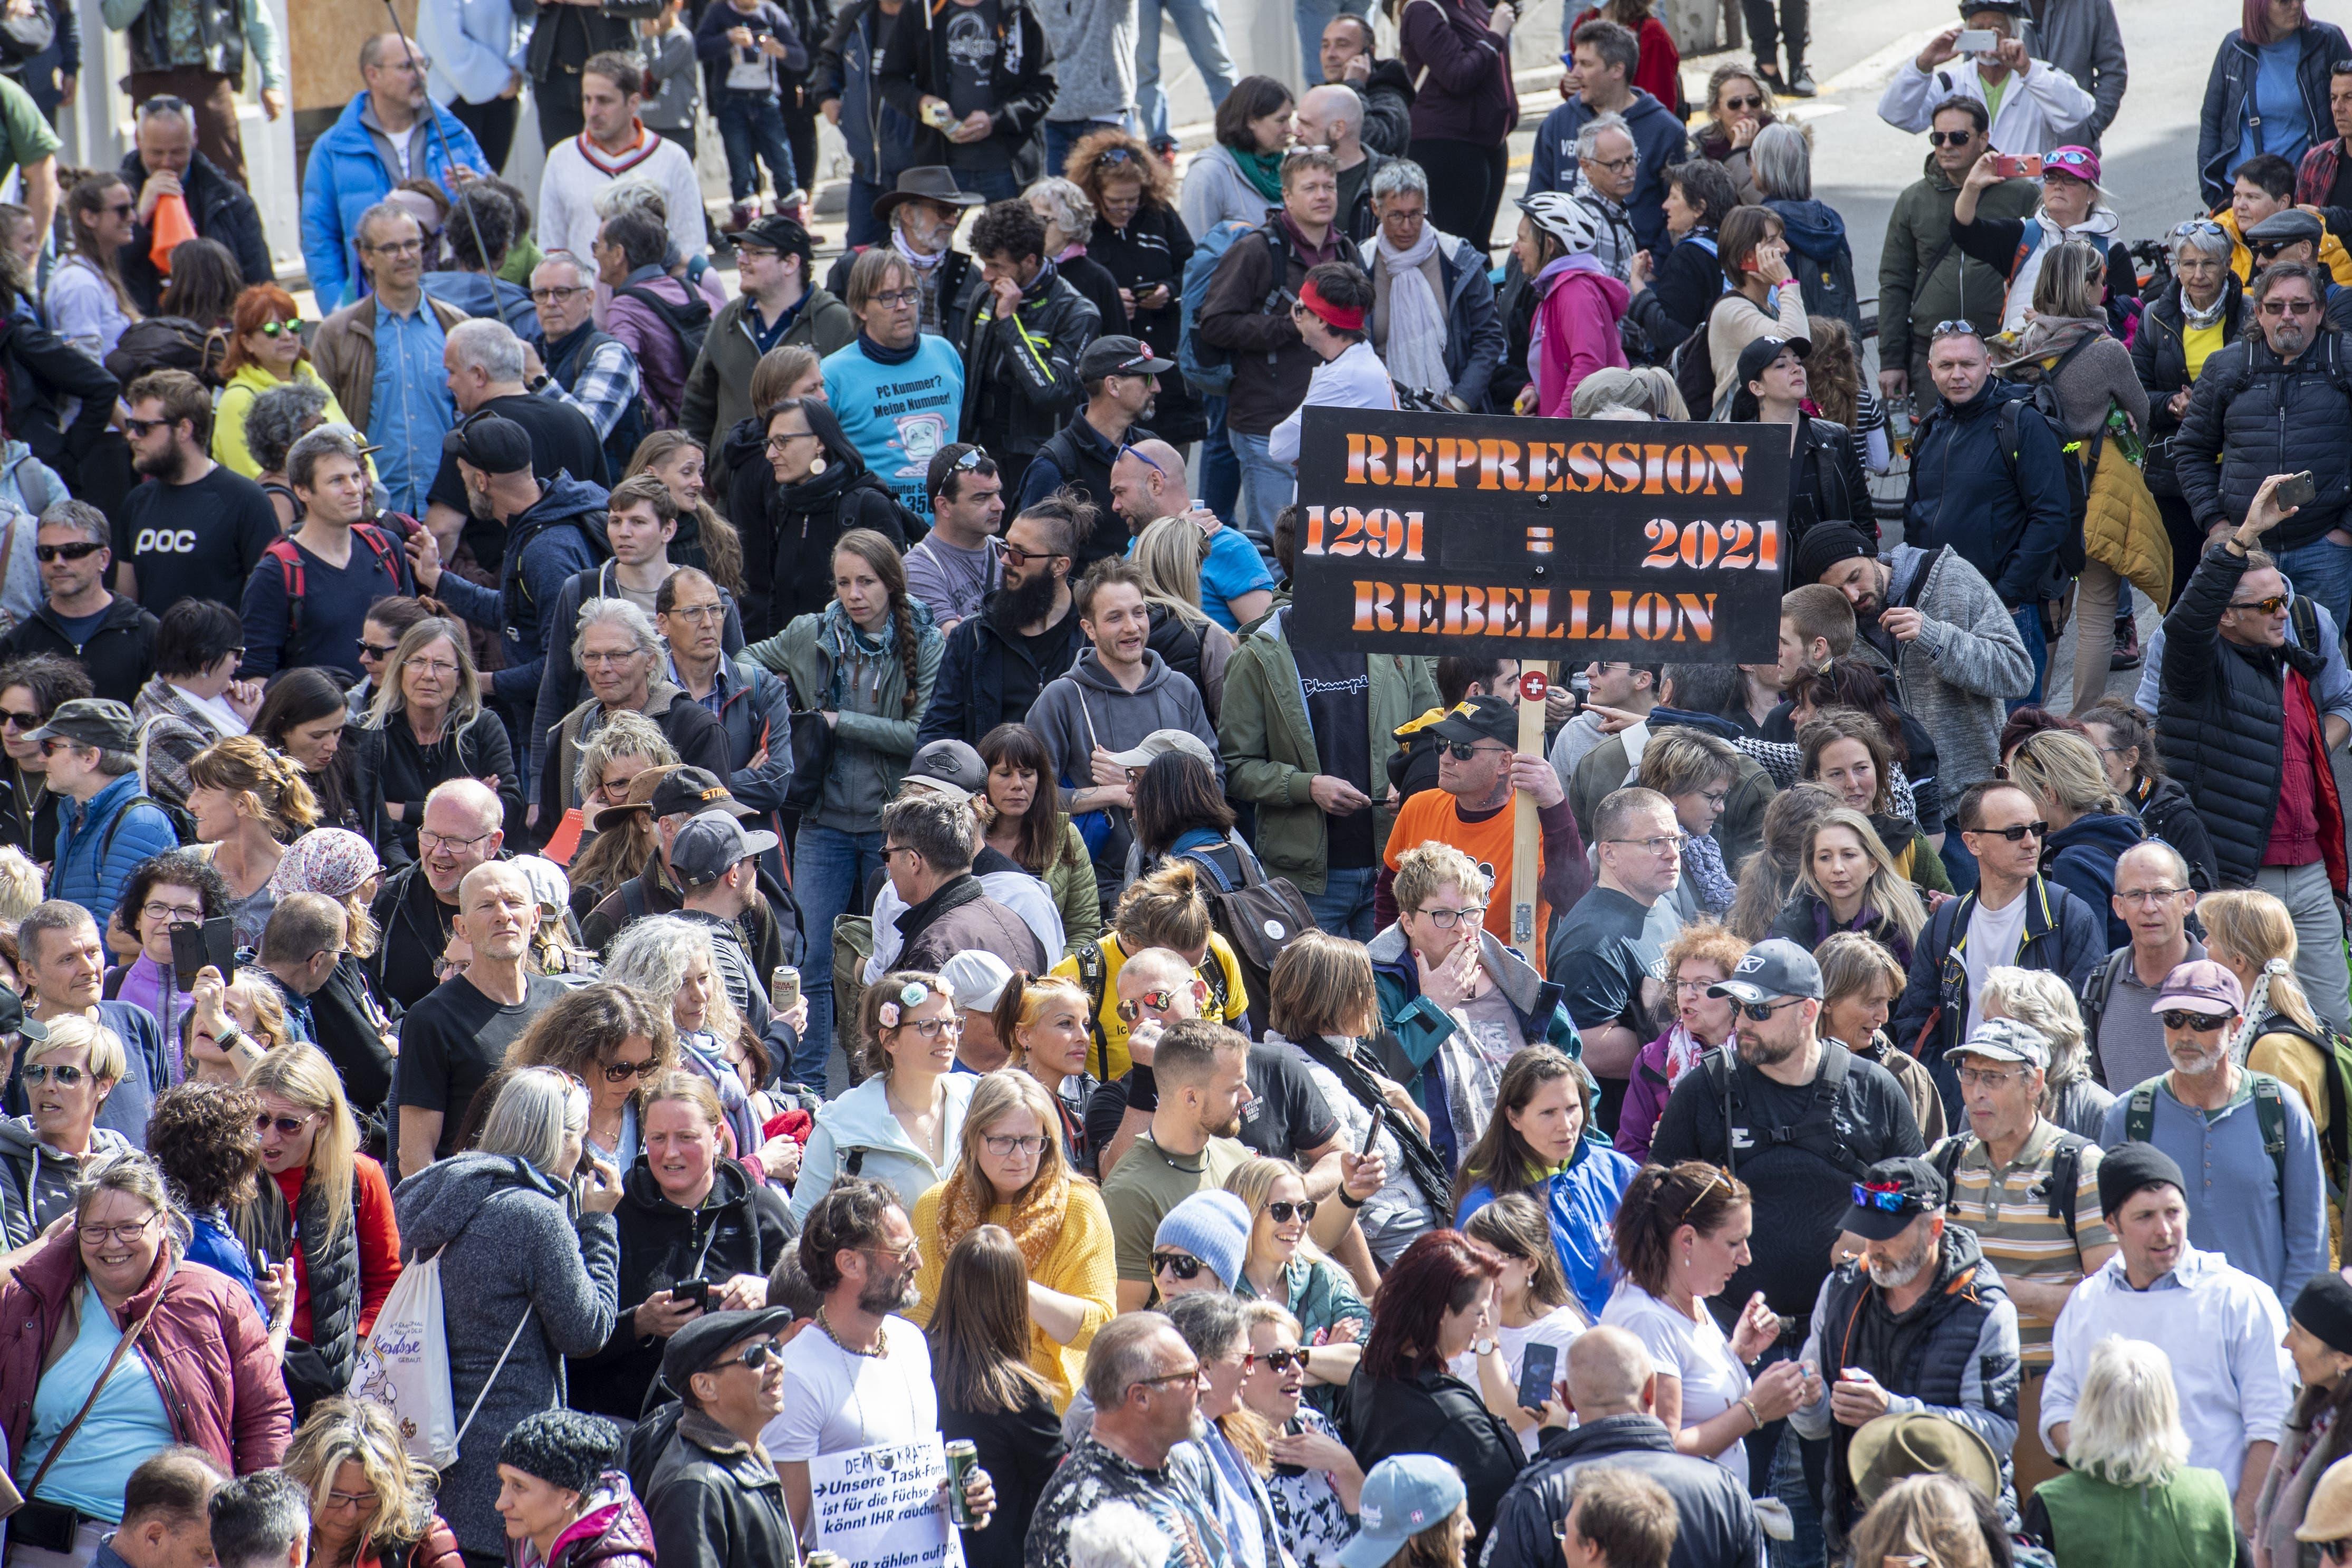 Die Demonstranten tragen keine Masken.